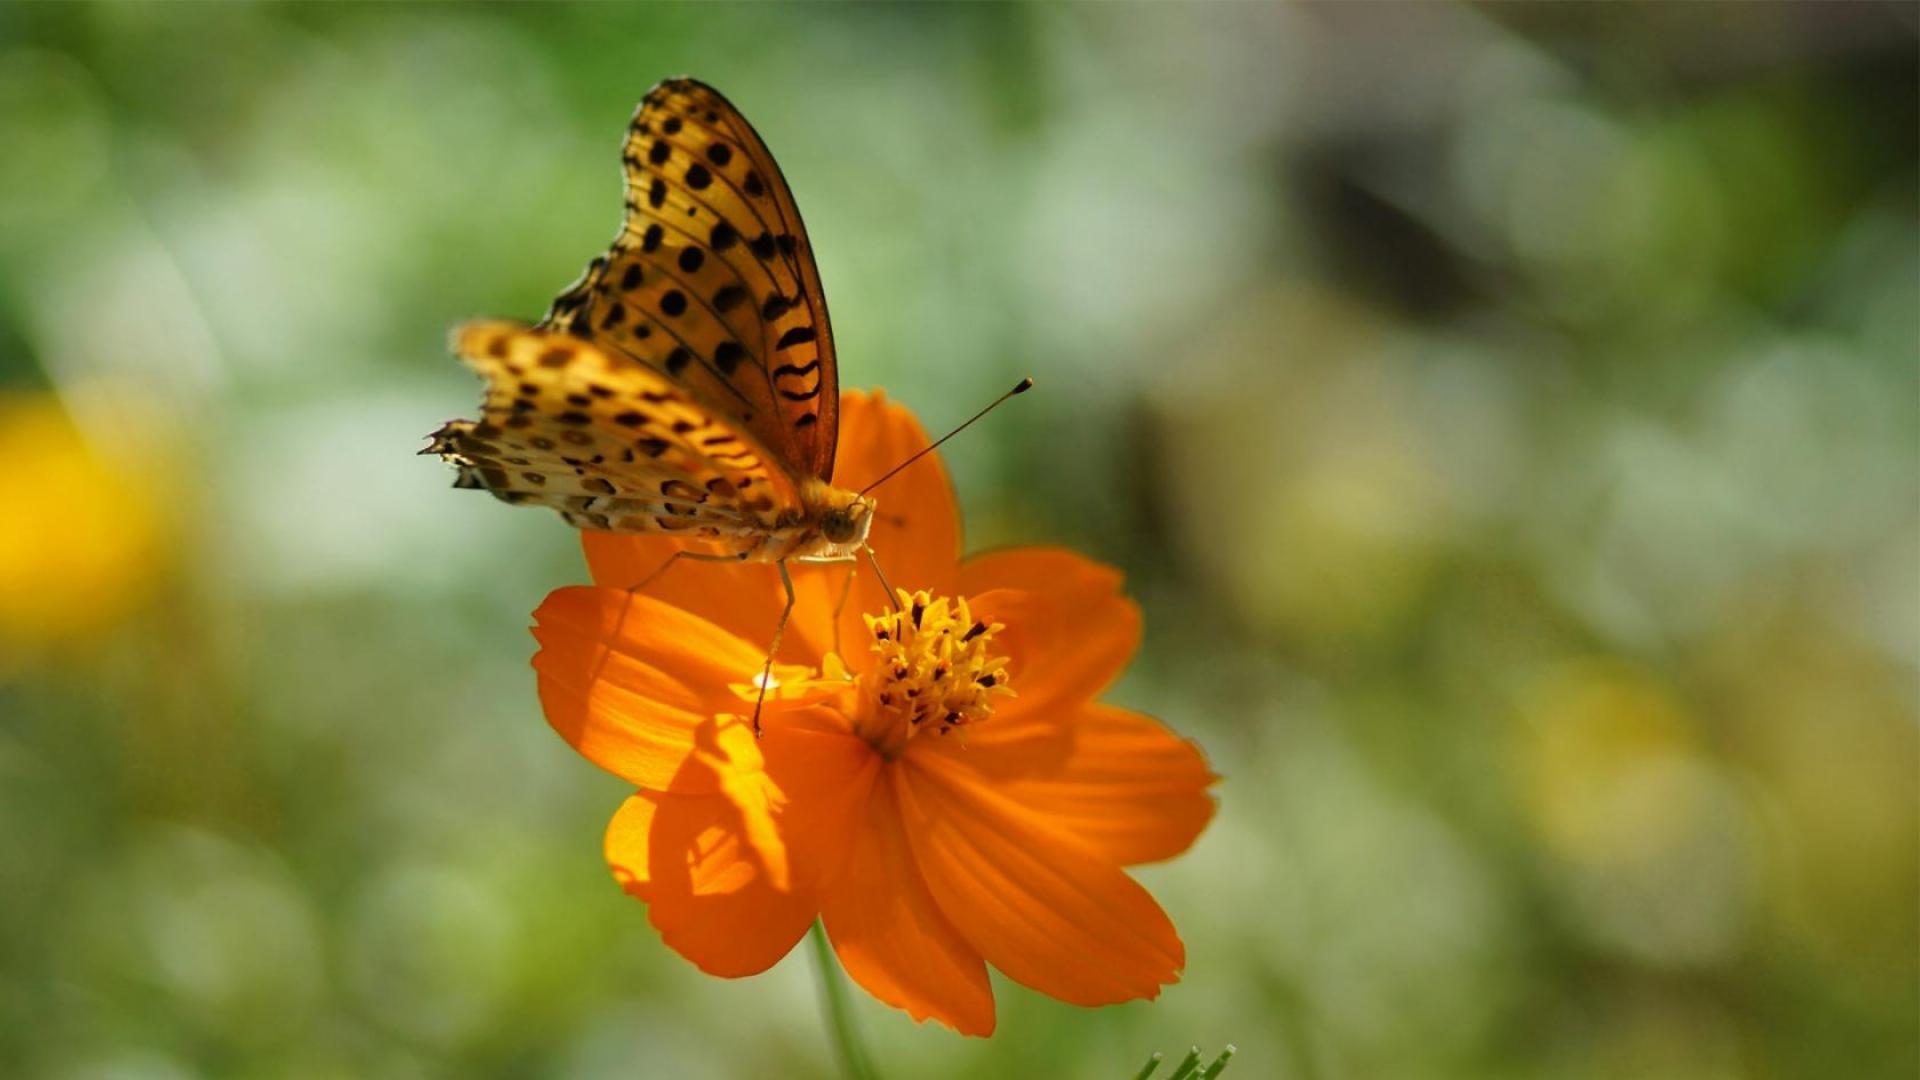 цветок бабочка лето